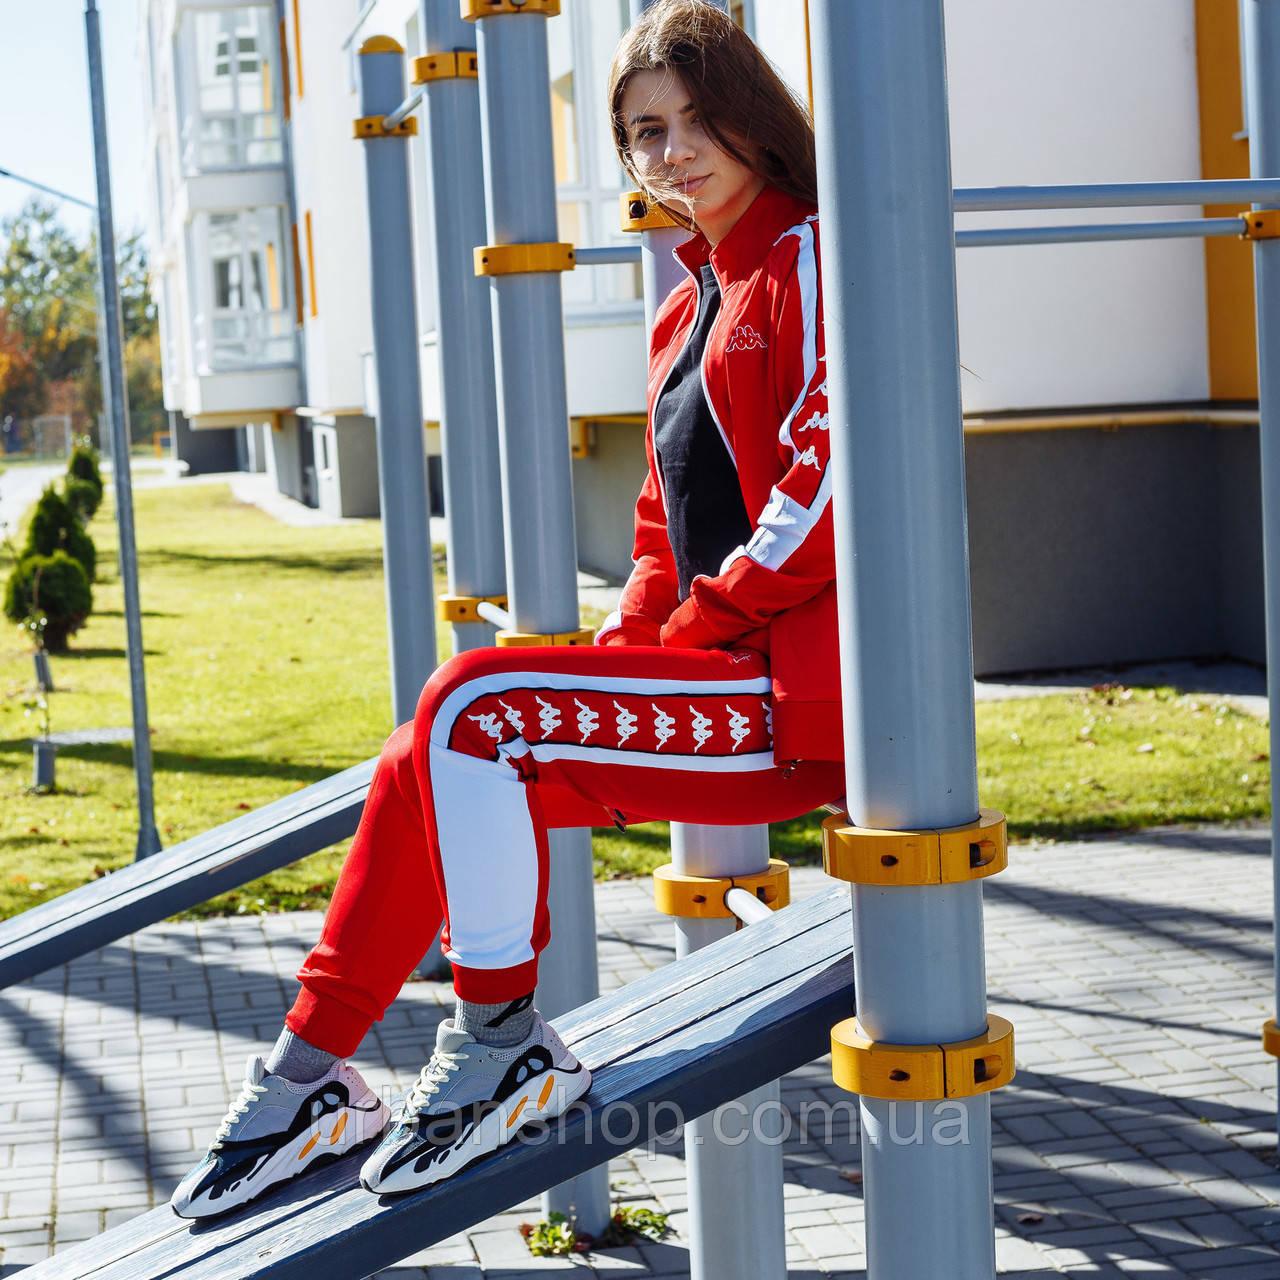 Спортивний костюм Kappa pants red (штани) M